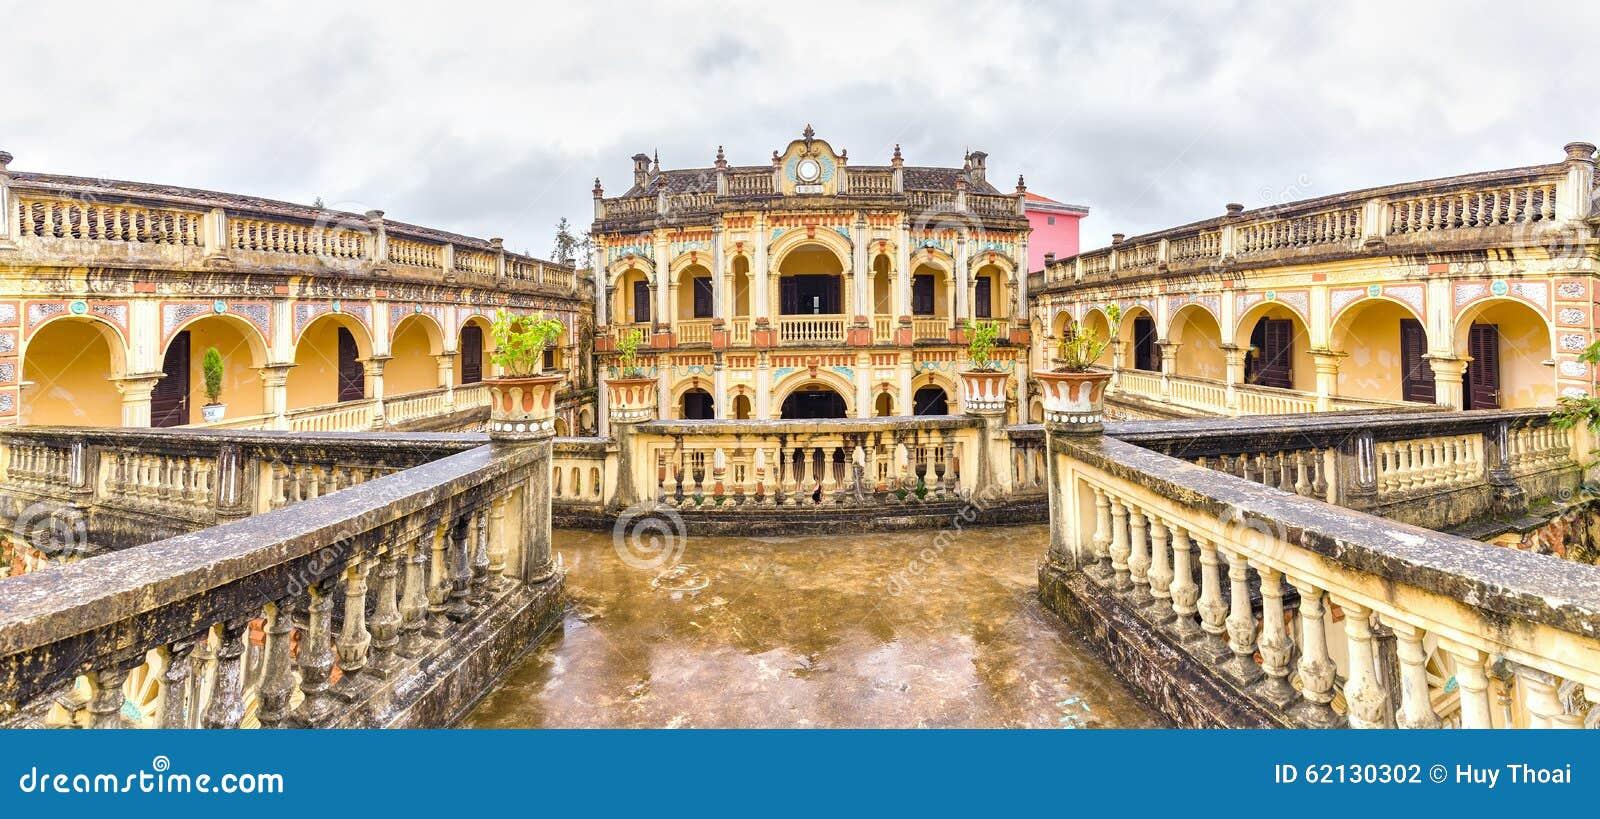 Hoang uma arquitetura real imperial, Bac Ha de Tuong, Lao Cai, Vietname